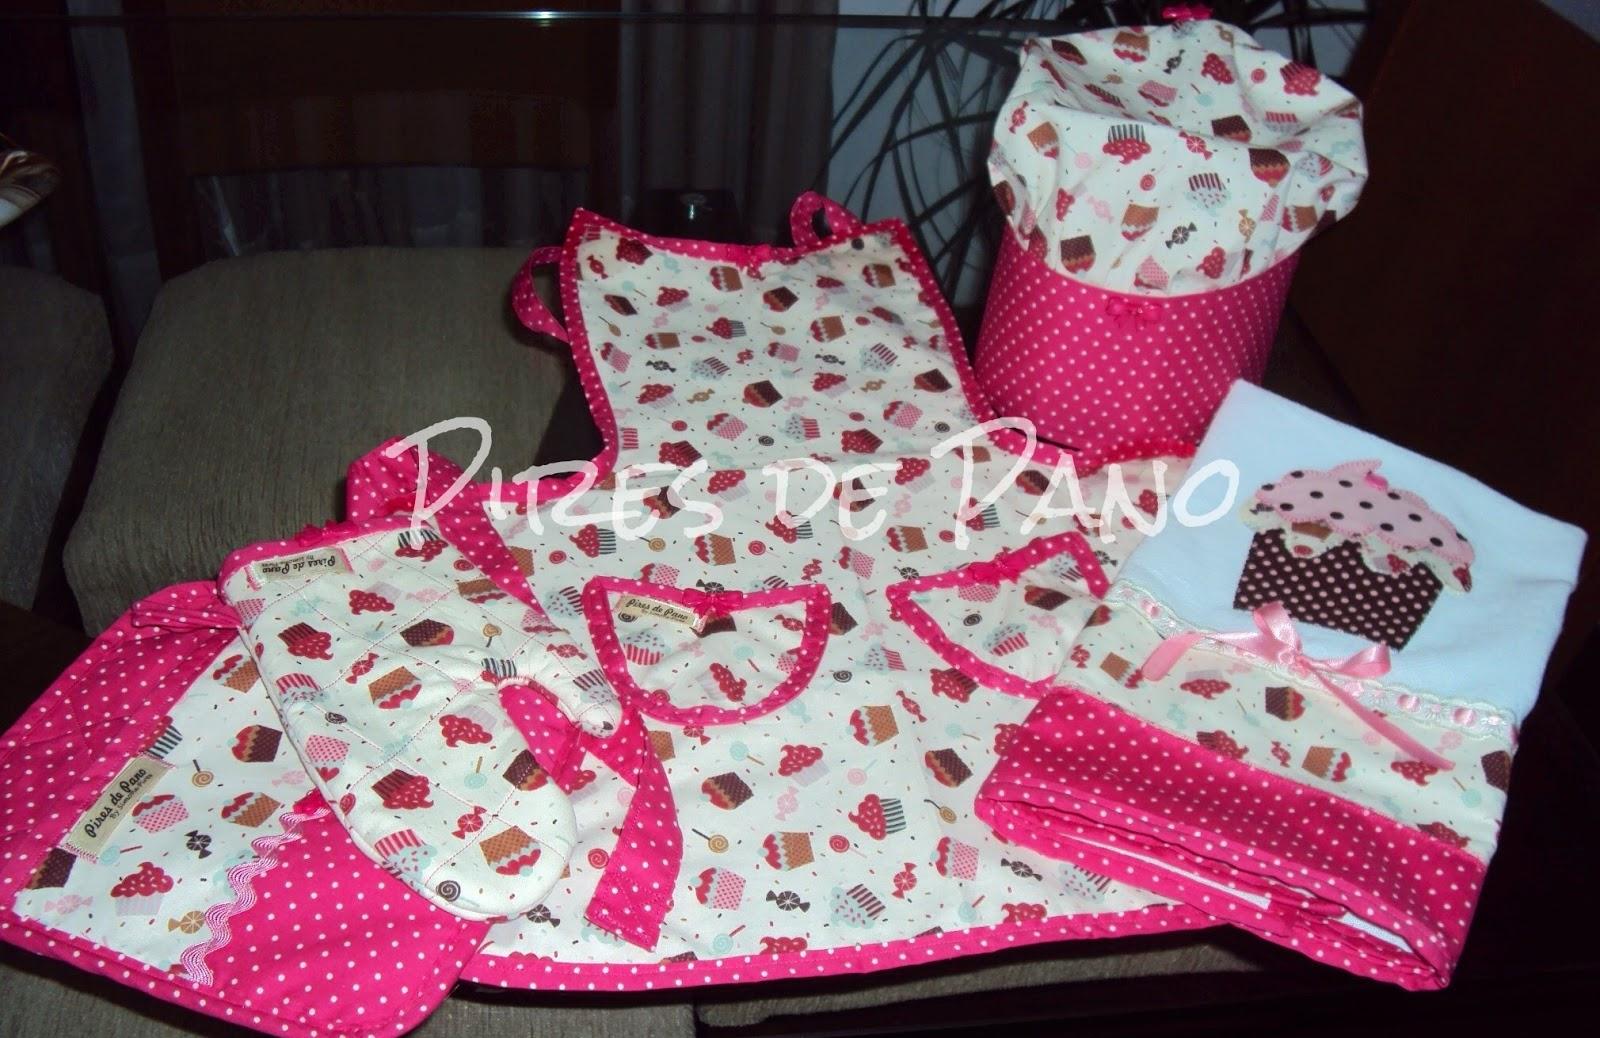 kit decoracao cozinha:PIRES DE PANO: Kit de cozinha infantil